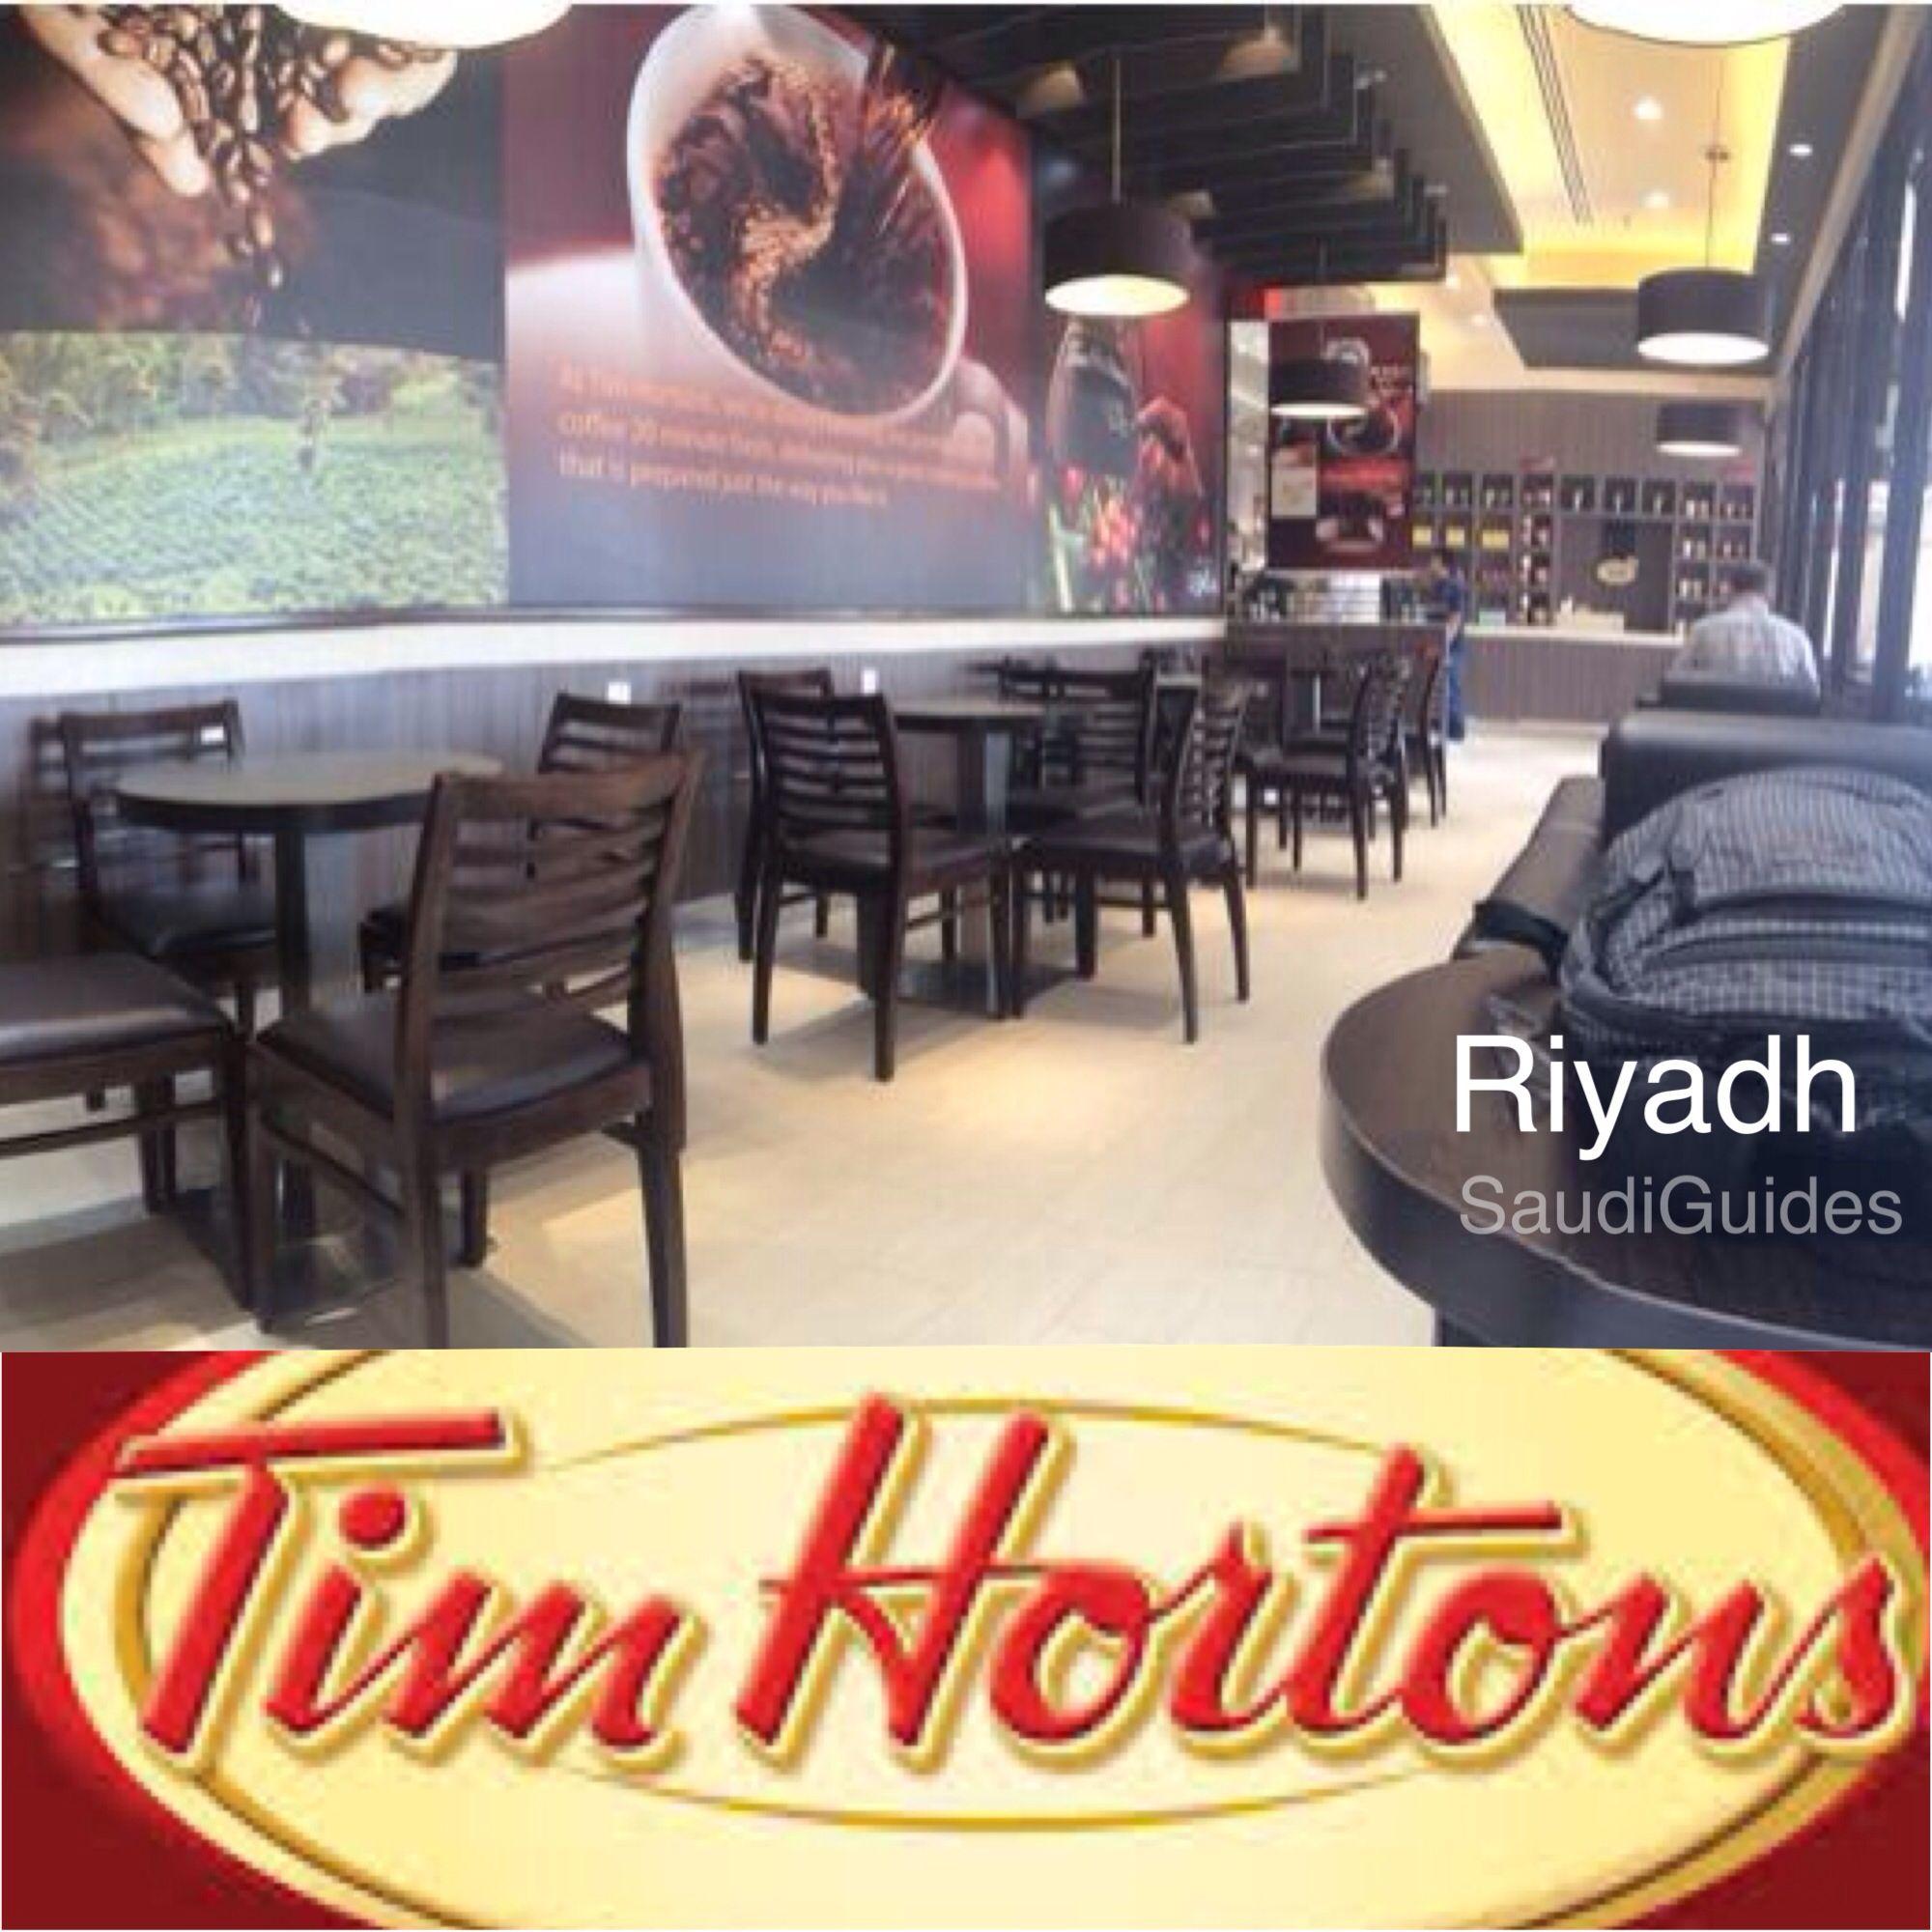 تمت إضافة مقهى جديد لموقعنا Http Www Mysaudiguides Com Yummy Rest Php Restno 629 تيم هورتونز الان في الرياض غرناطة Tim Hortons Broadway Shows Riyadh